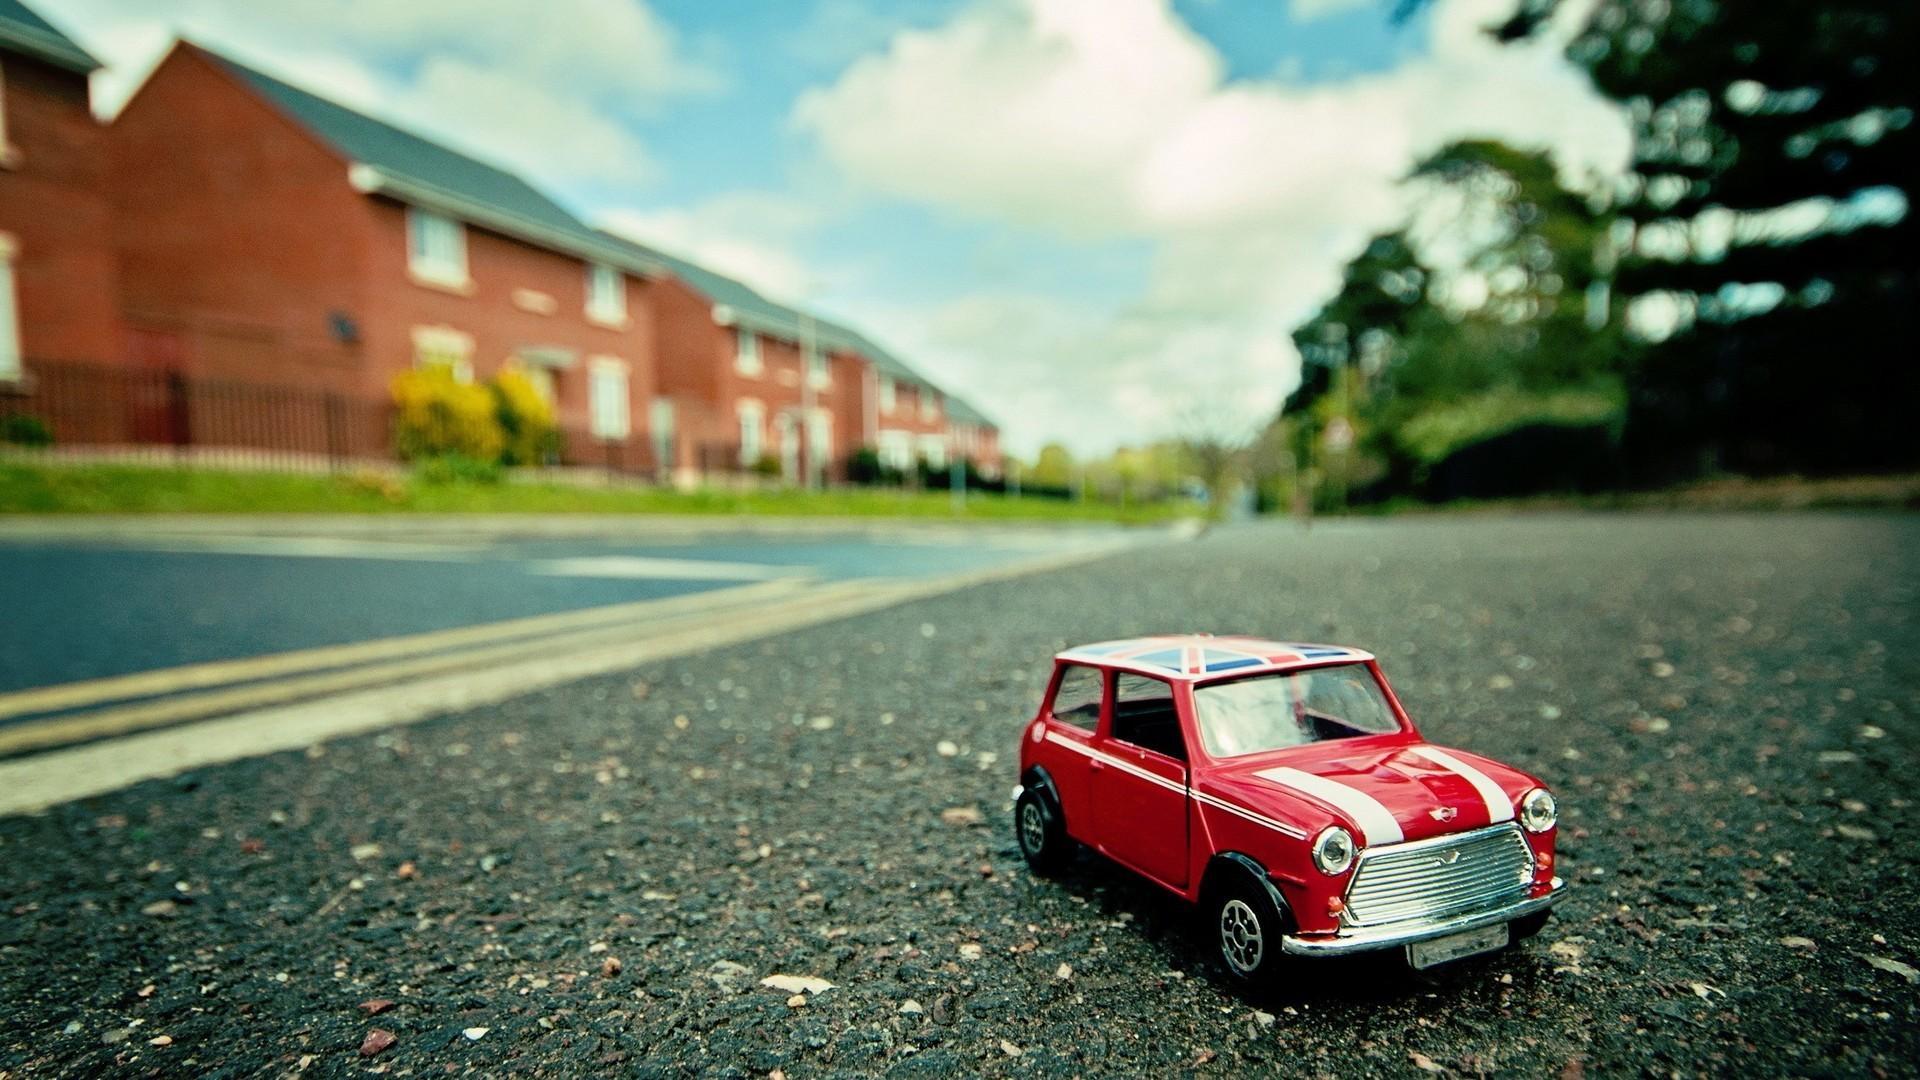 Macro toys photo